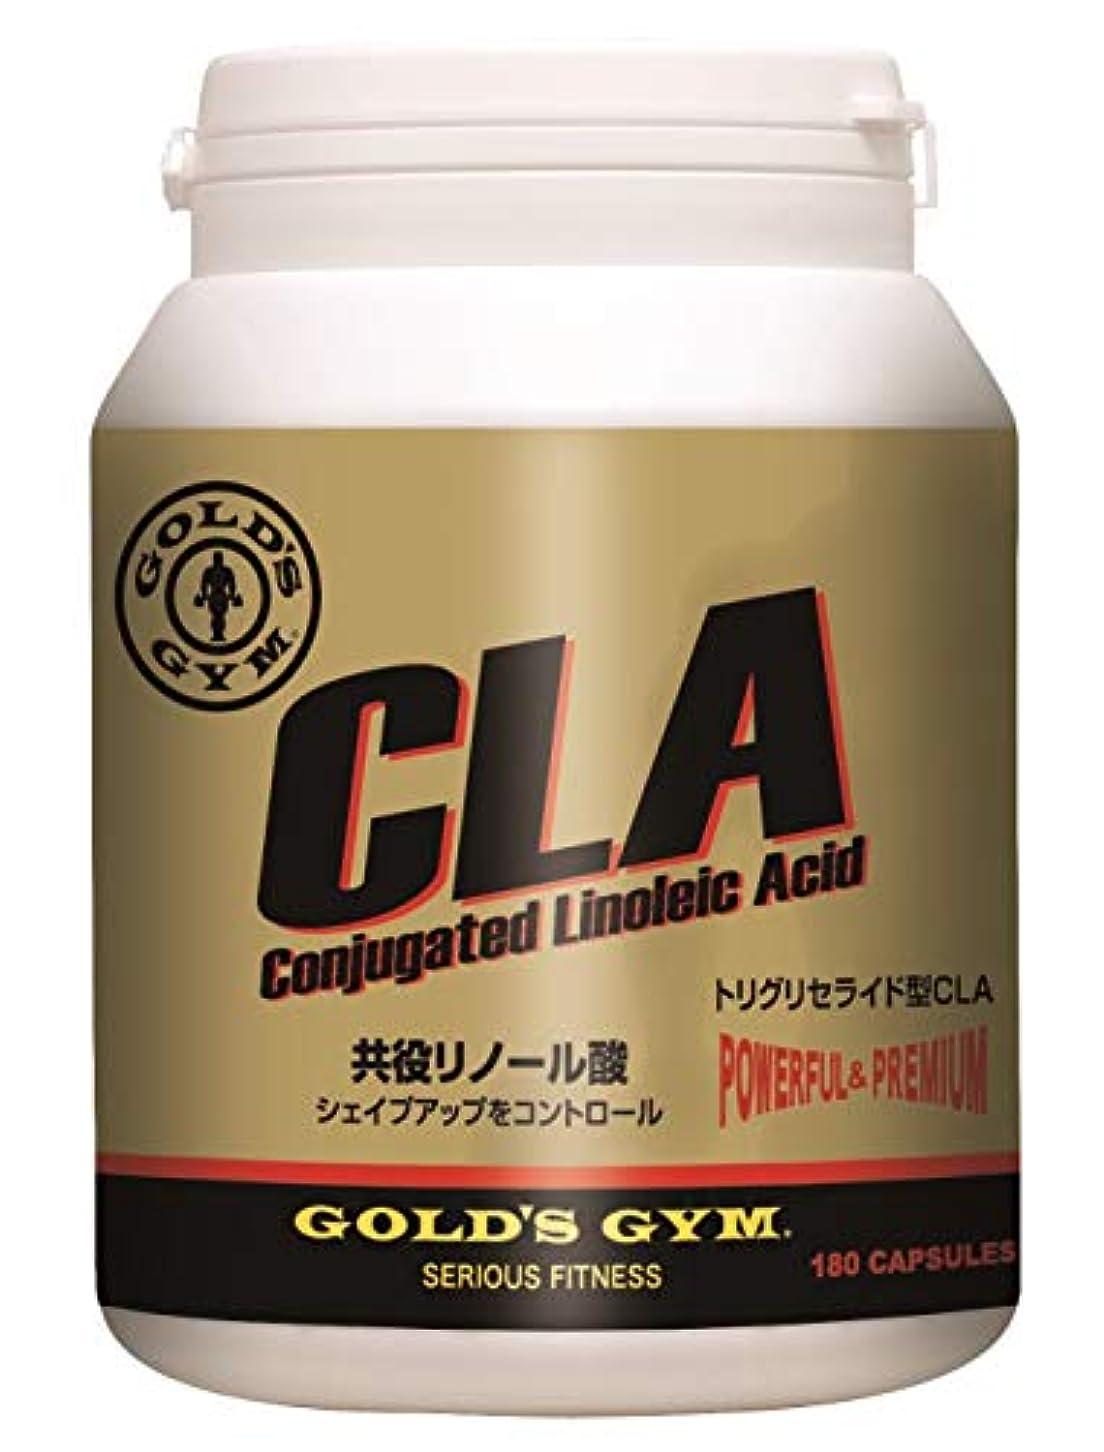 見分ける誰も再撮りゴールドジム(GOLD'S GYM) CLA共役リノール酸 360粒